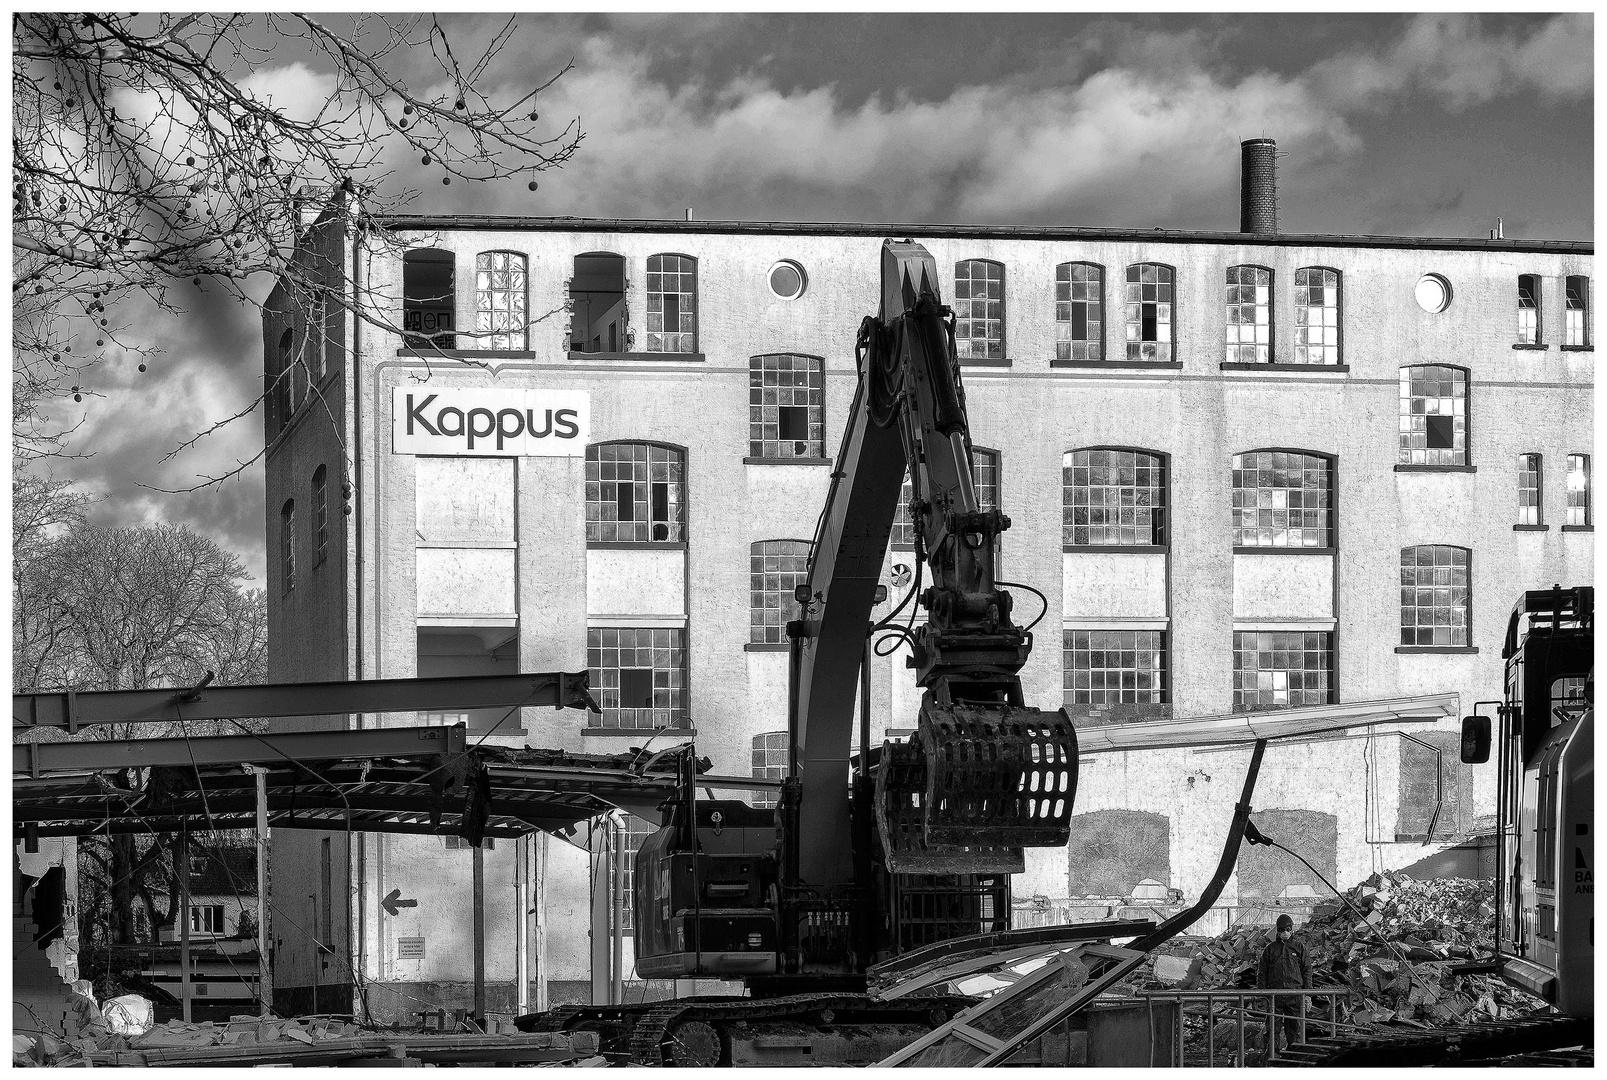 Der Abriss der altwürdigen Seifenfabrik Kappus in Offenbach